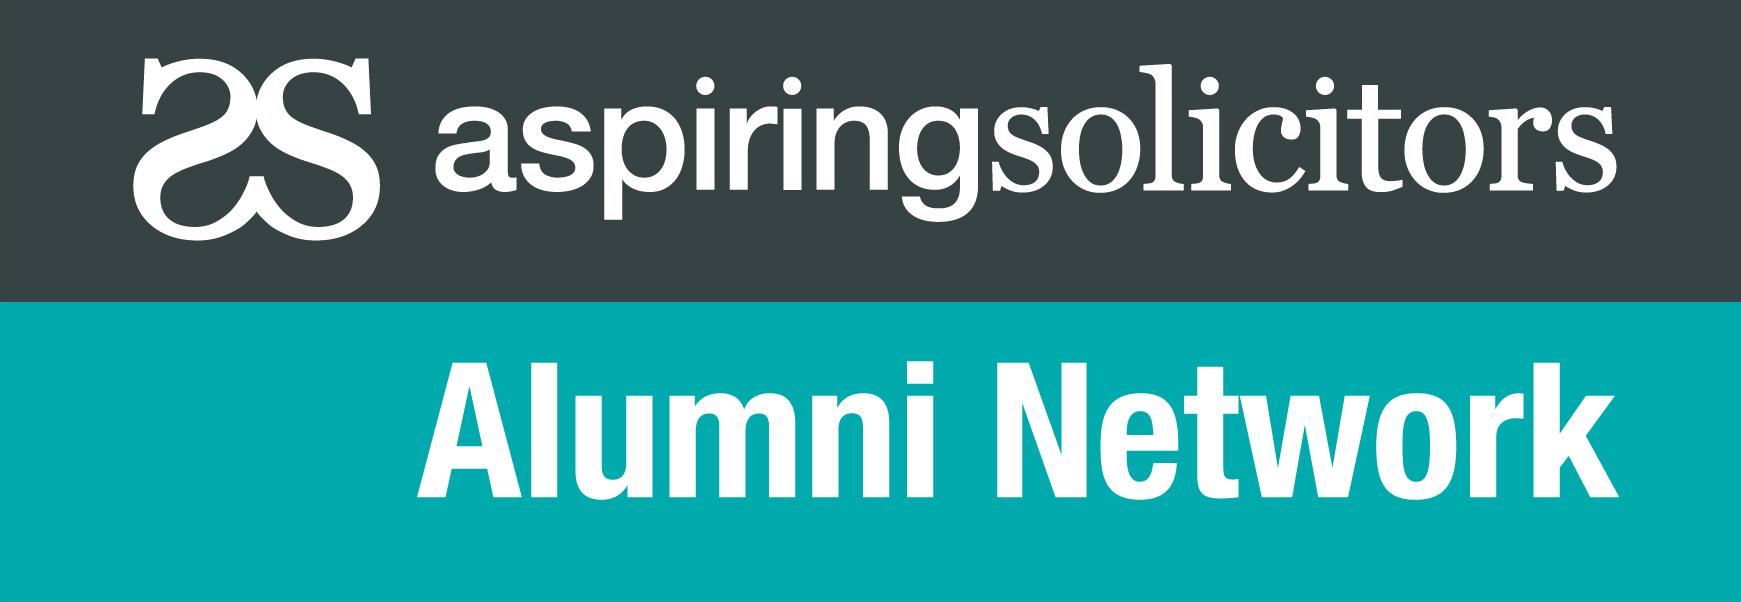 Aspiring Solicitors Alumni Network